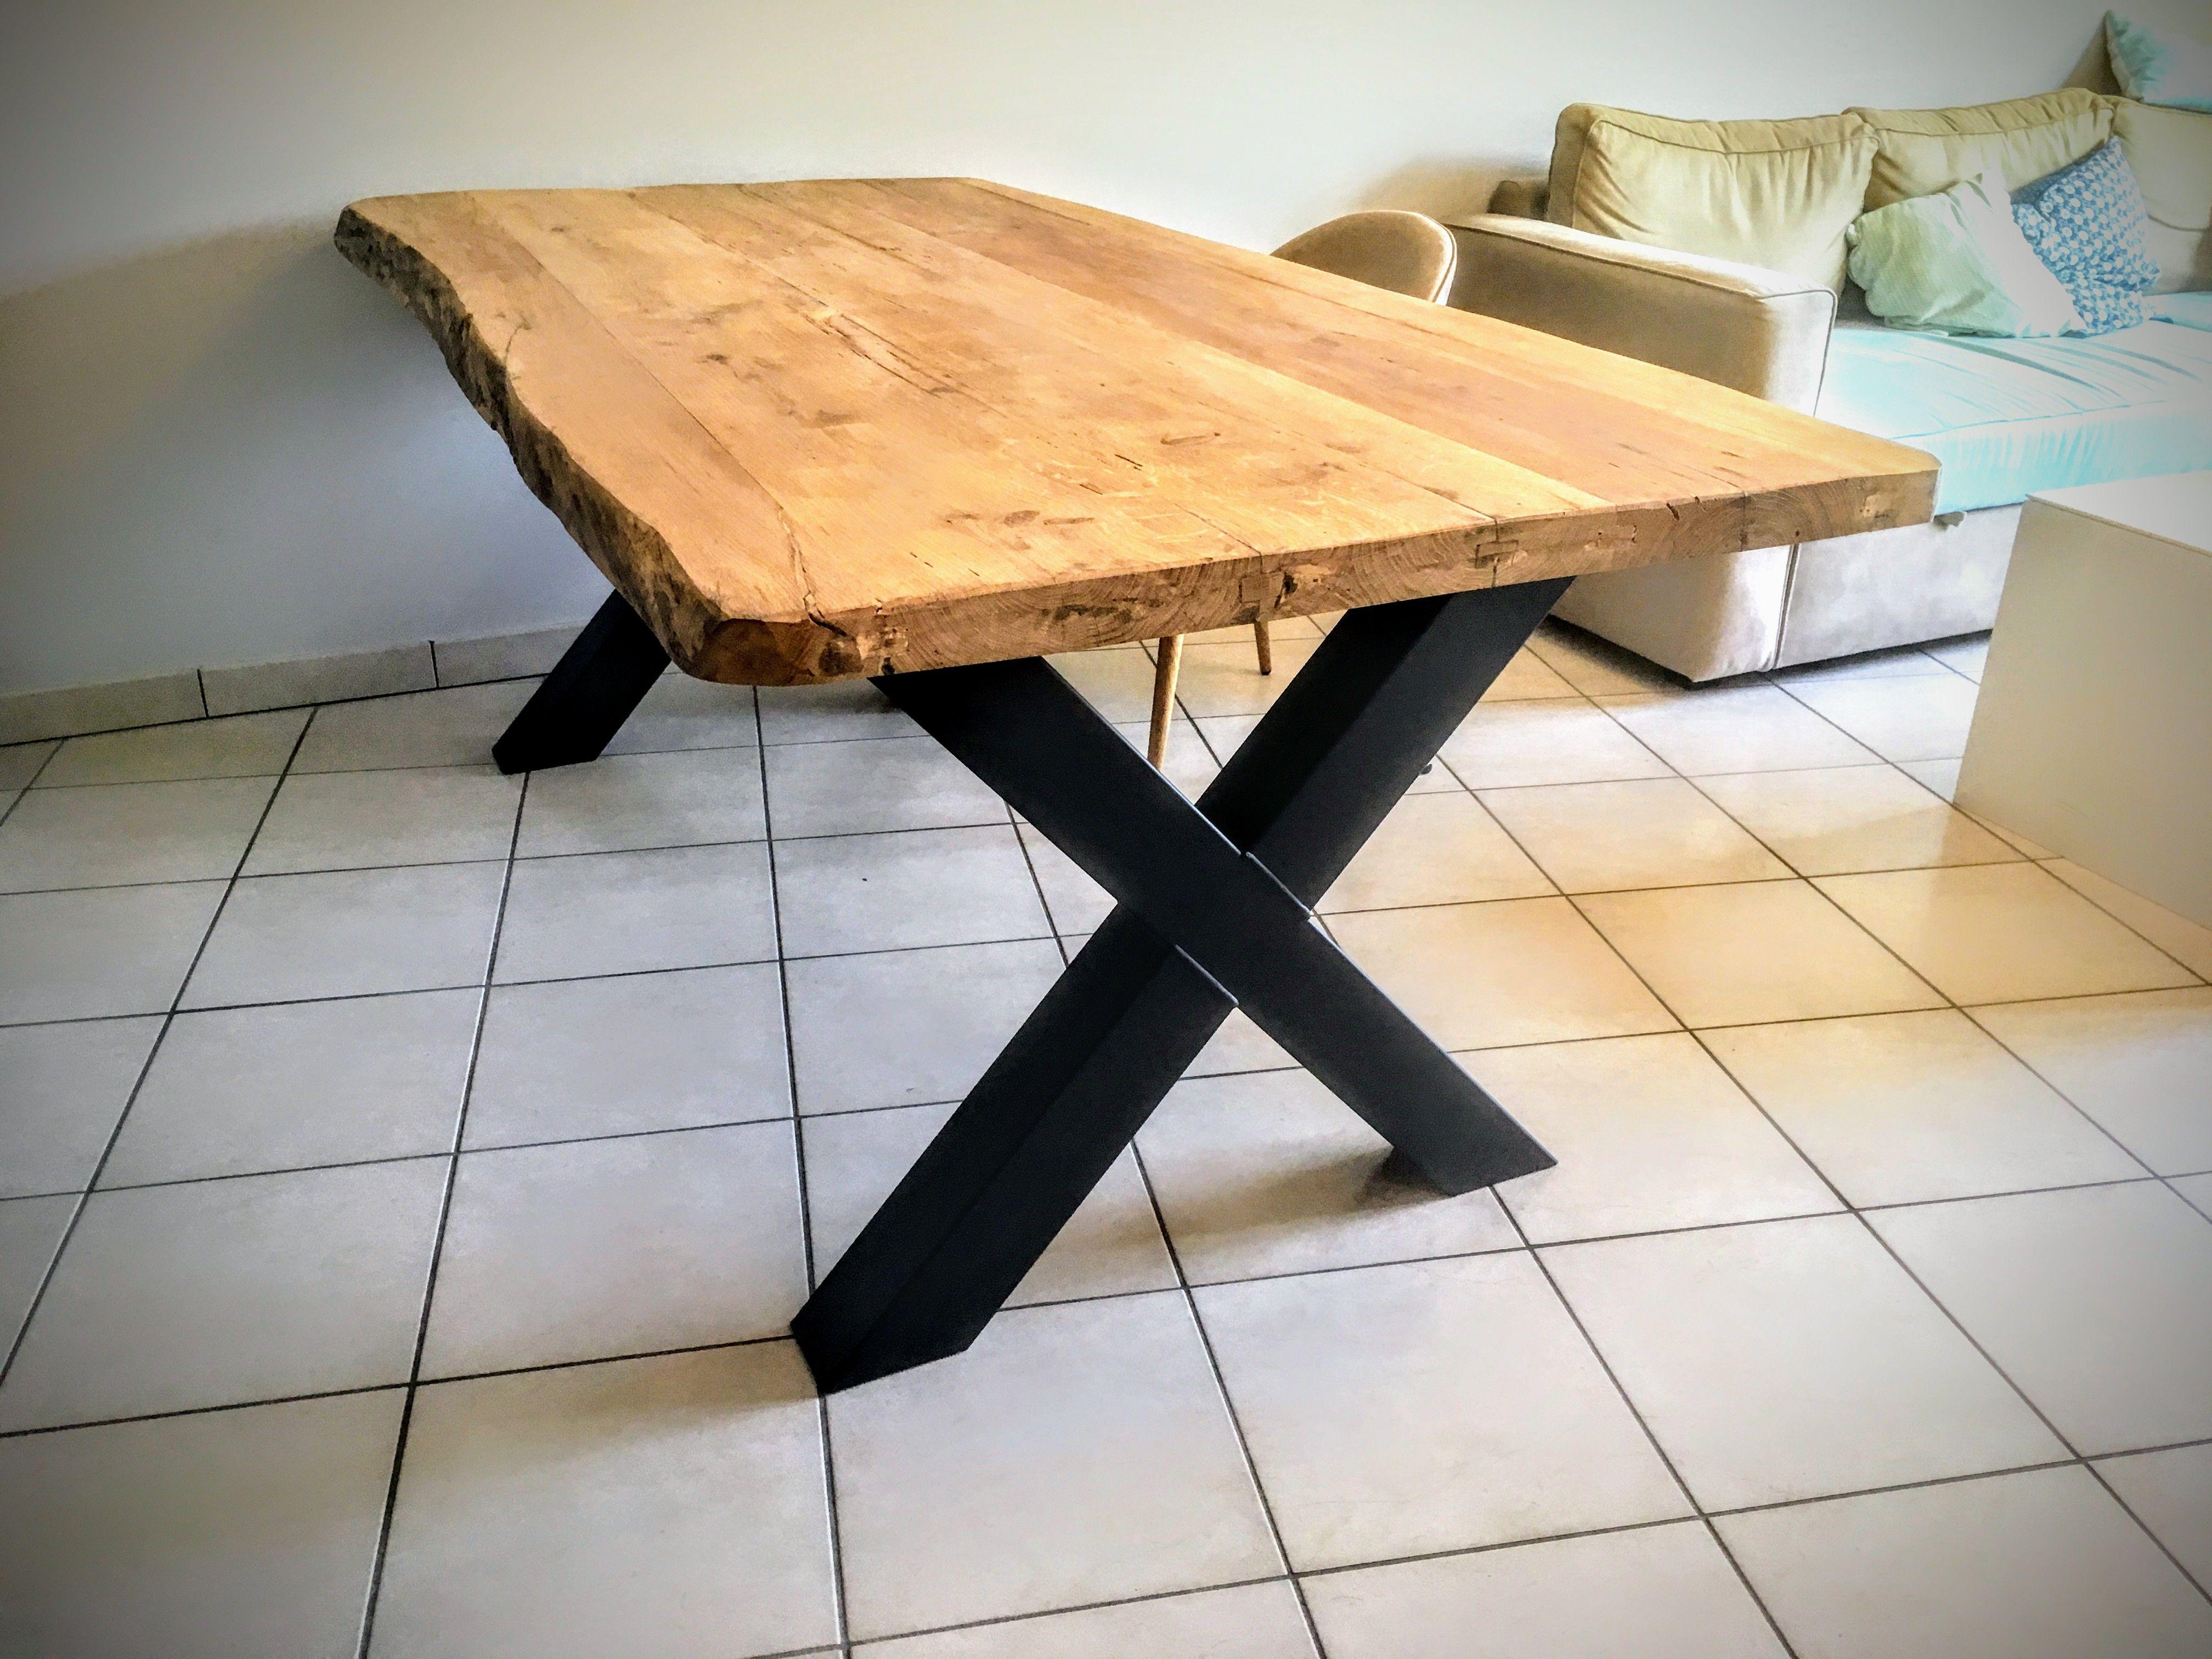 Table En Bois Chene Clair table bois métal pied croix scandinave - pied en acier